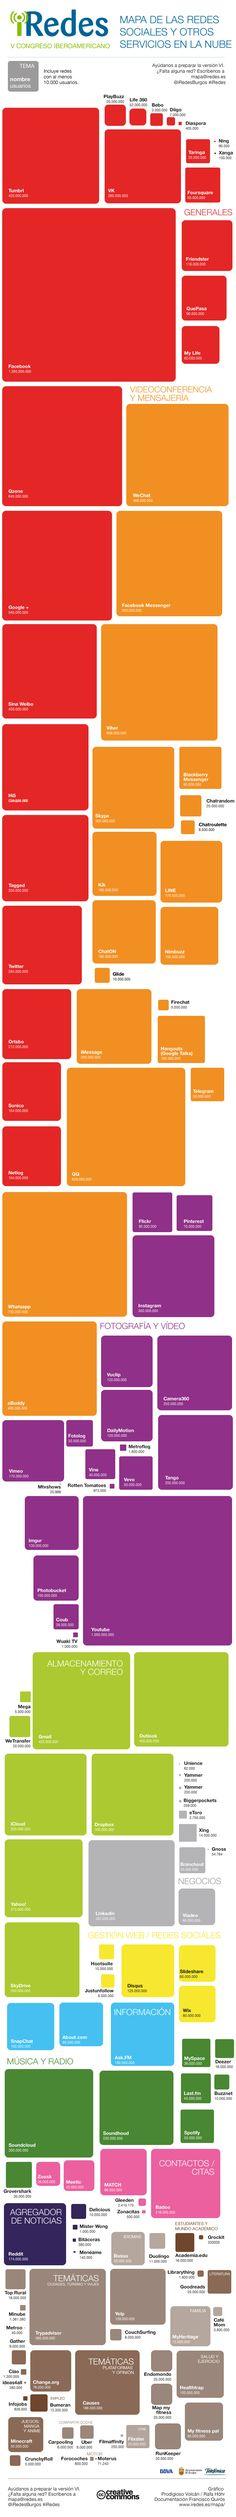 Este es el mapa de Redes Sociales de 2015, con las #redessociales más y menos usadas y divididas por temáticas. | #infografía #rrss #publicidad #marketing